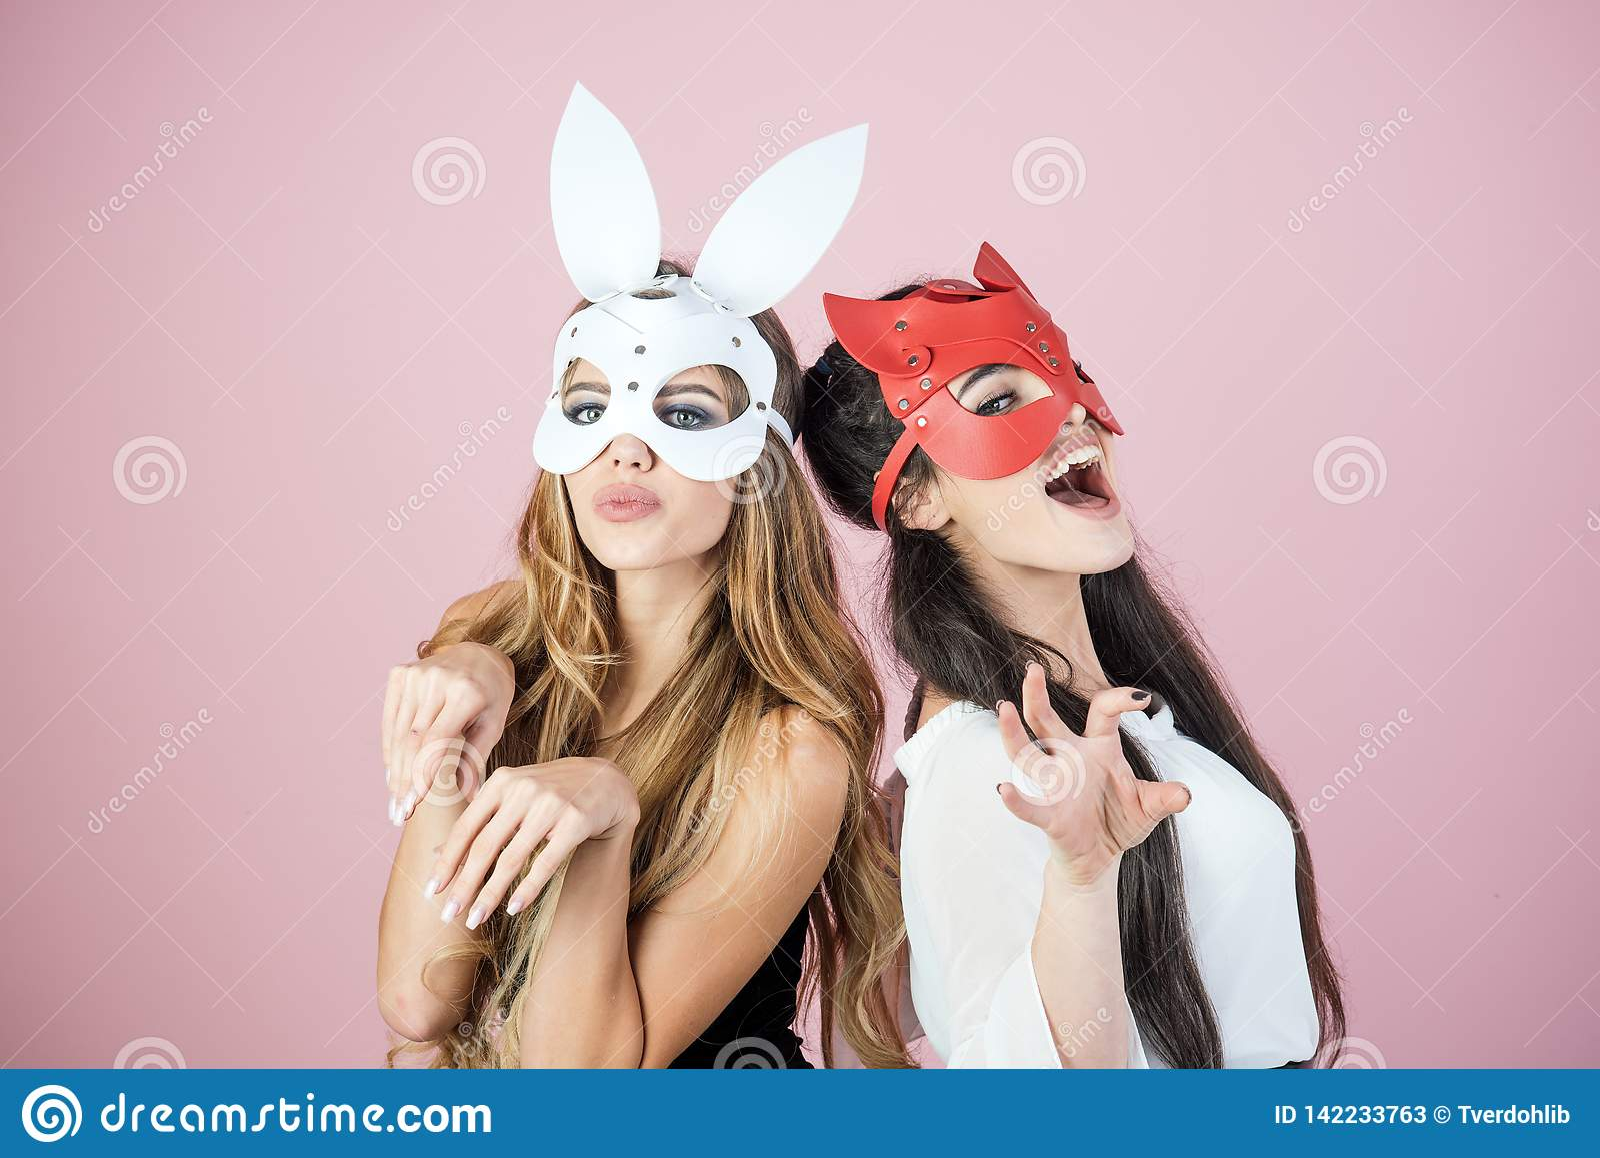 Dominant, maîtresse, bdsm, masque érotique de lapin